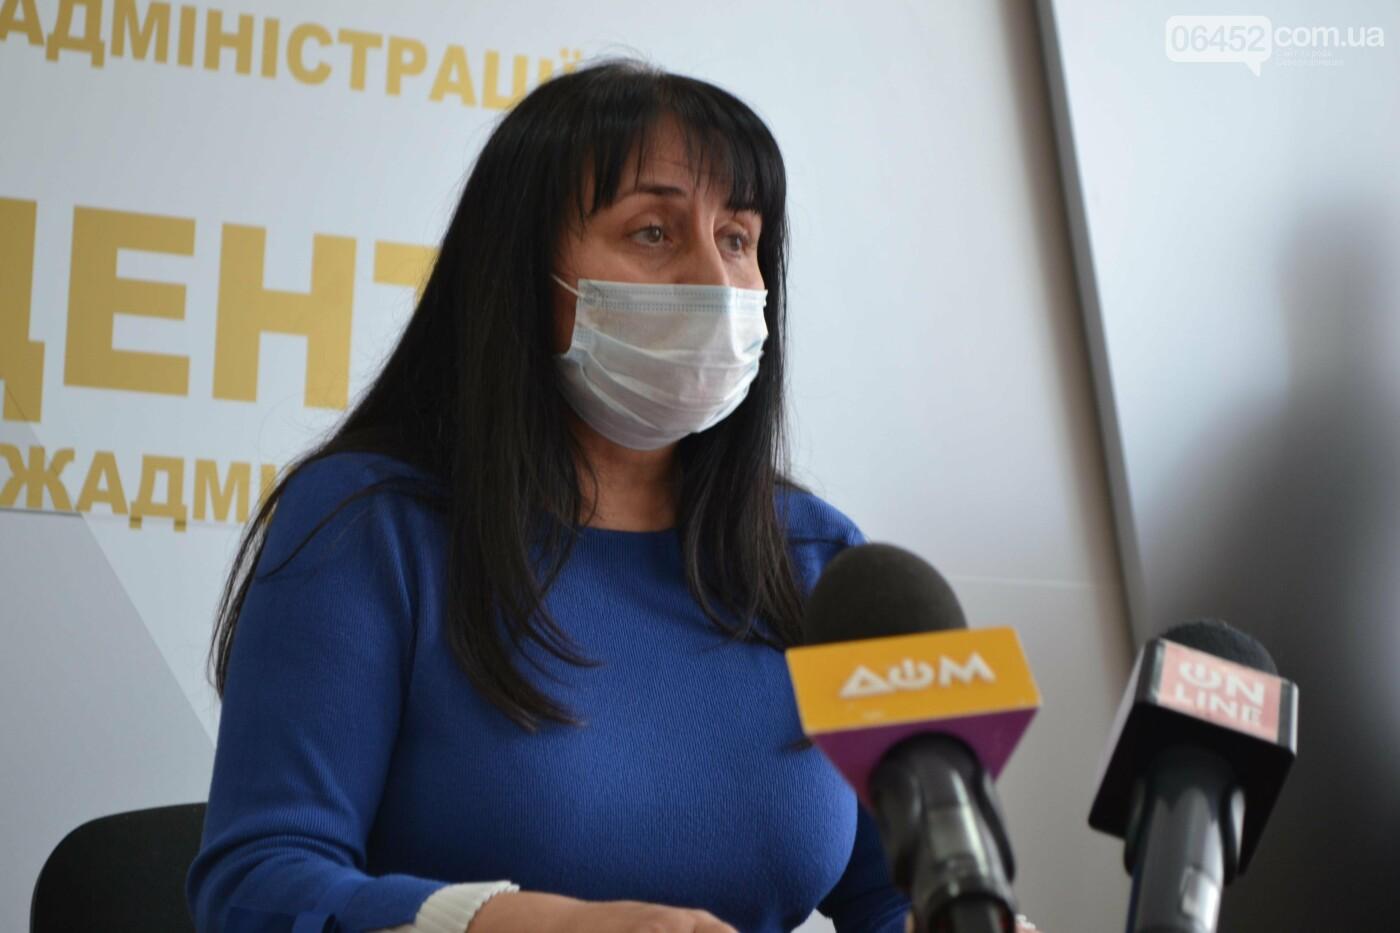 В Северодонецке создадут Центр для жертв домашнего насилия, фото-1